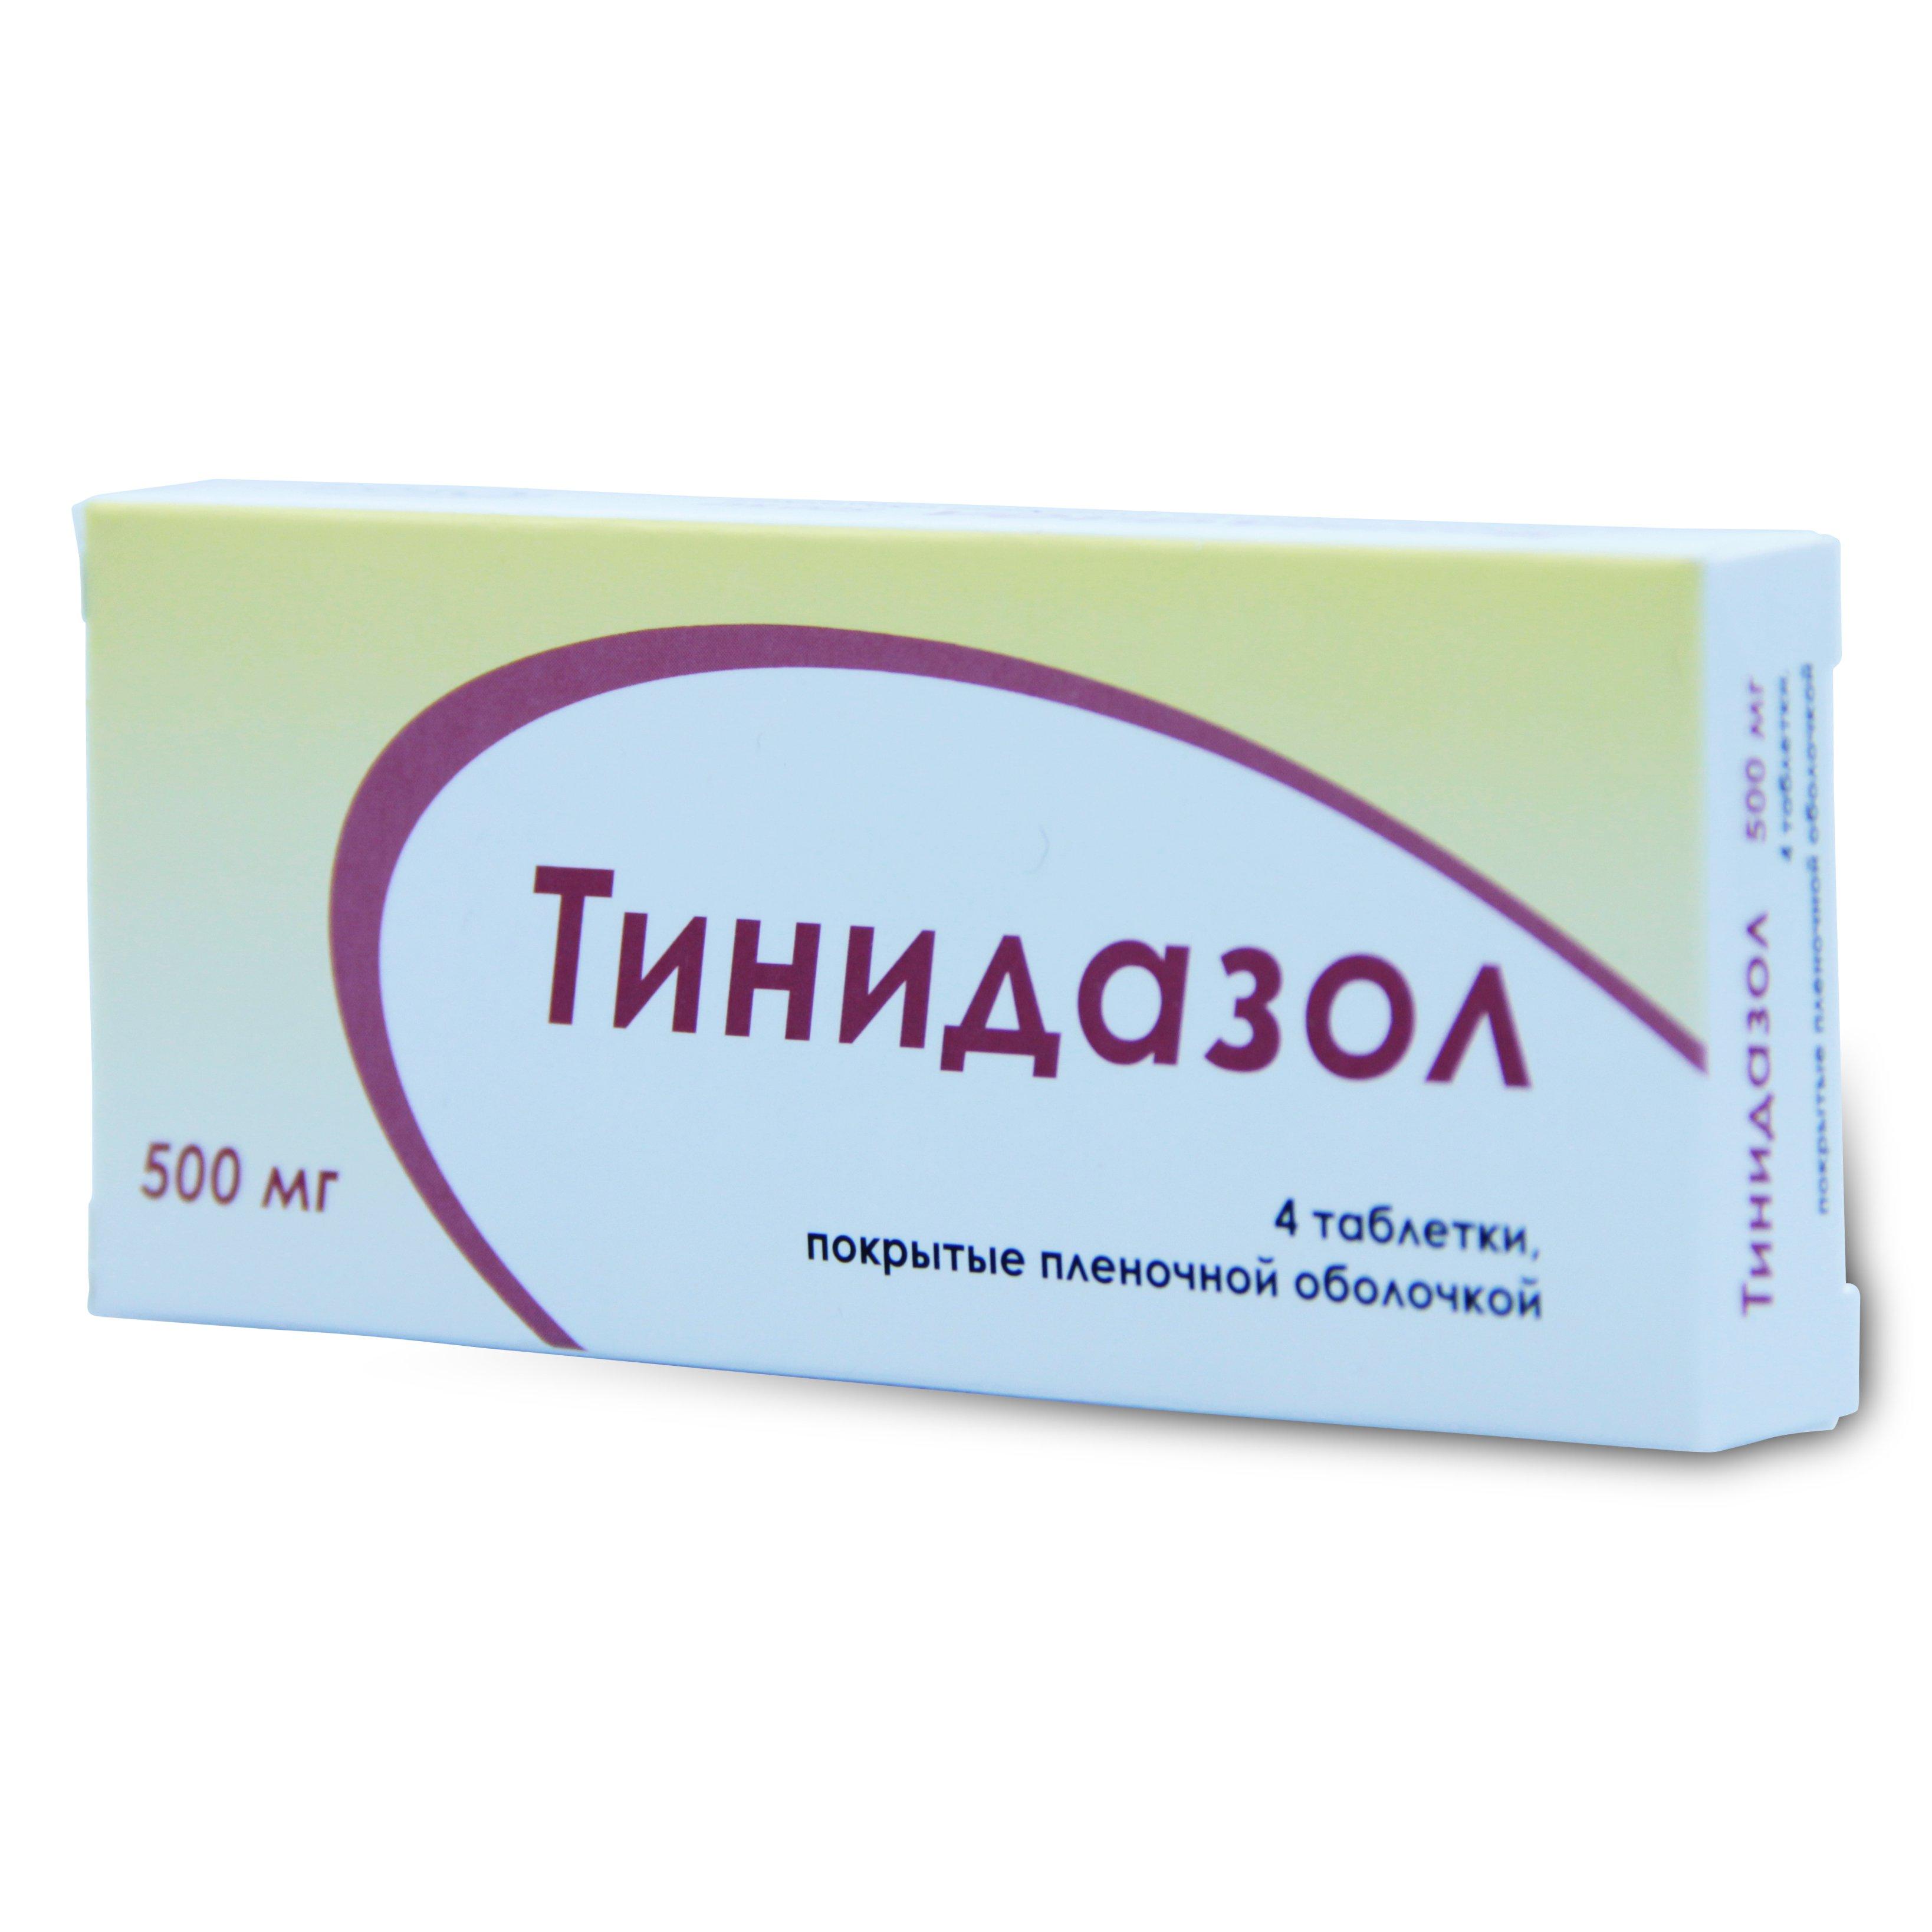 Тинидазол таблетки 500мг 4шт (Озон ООО)